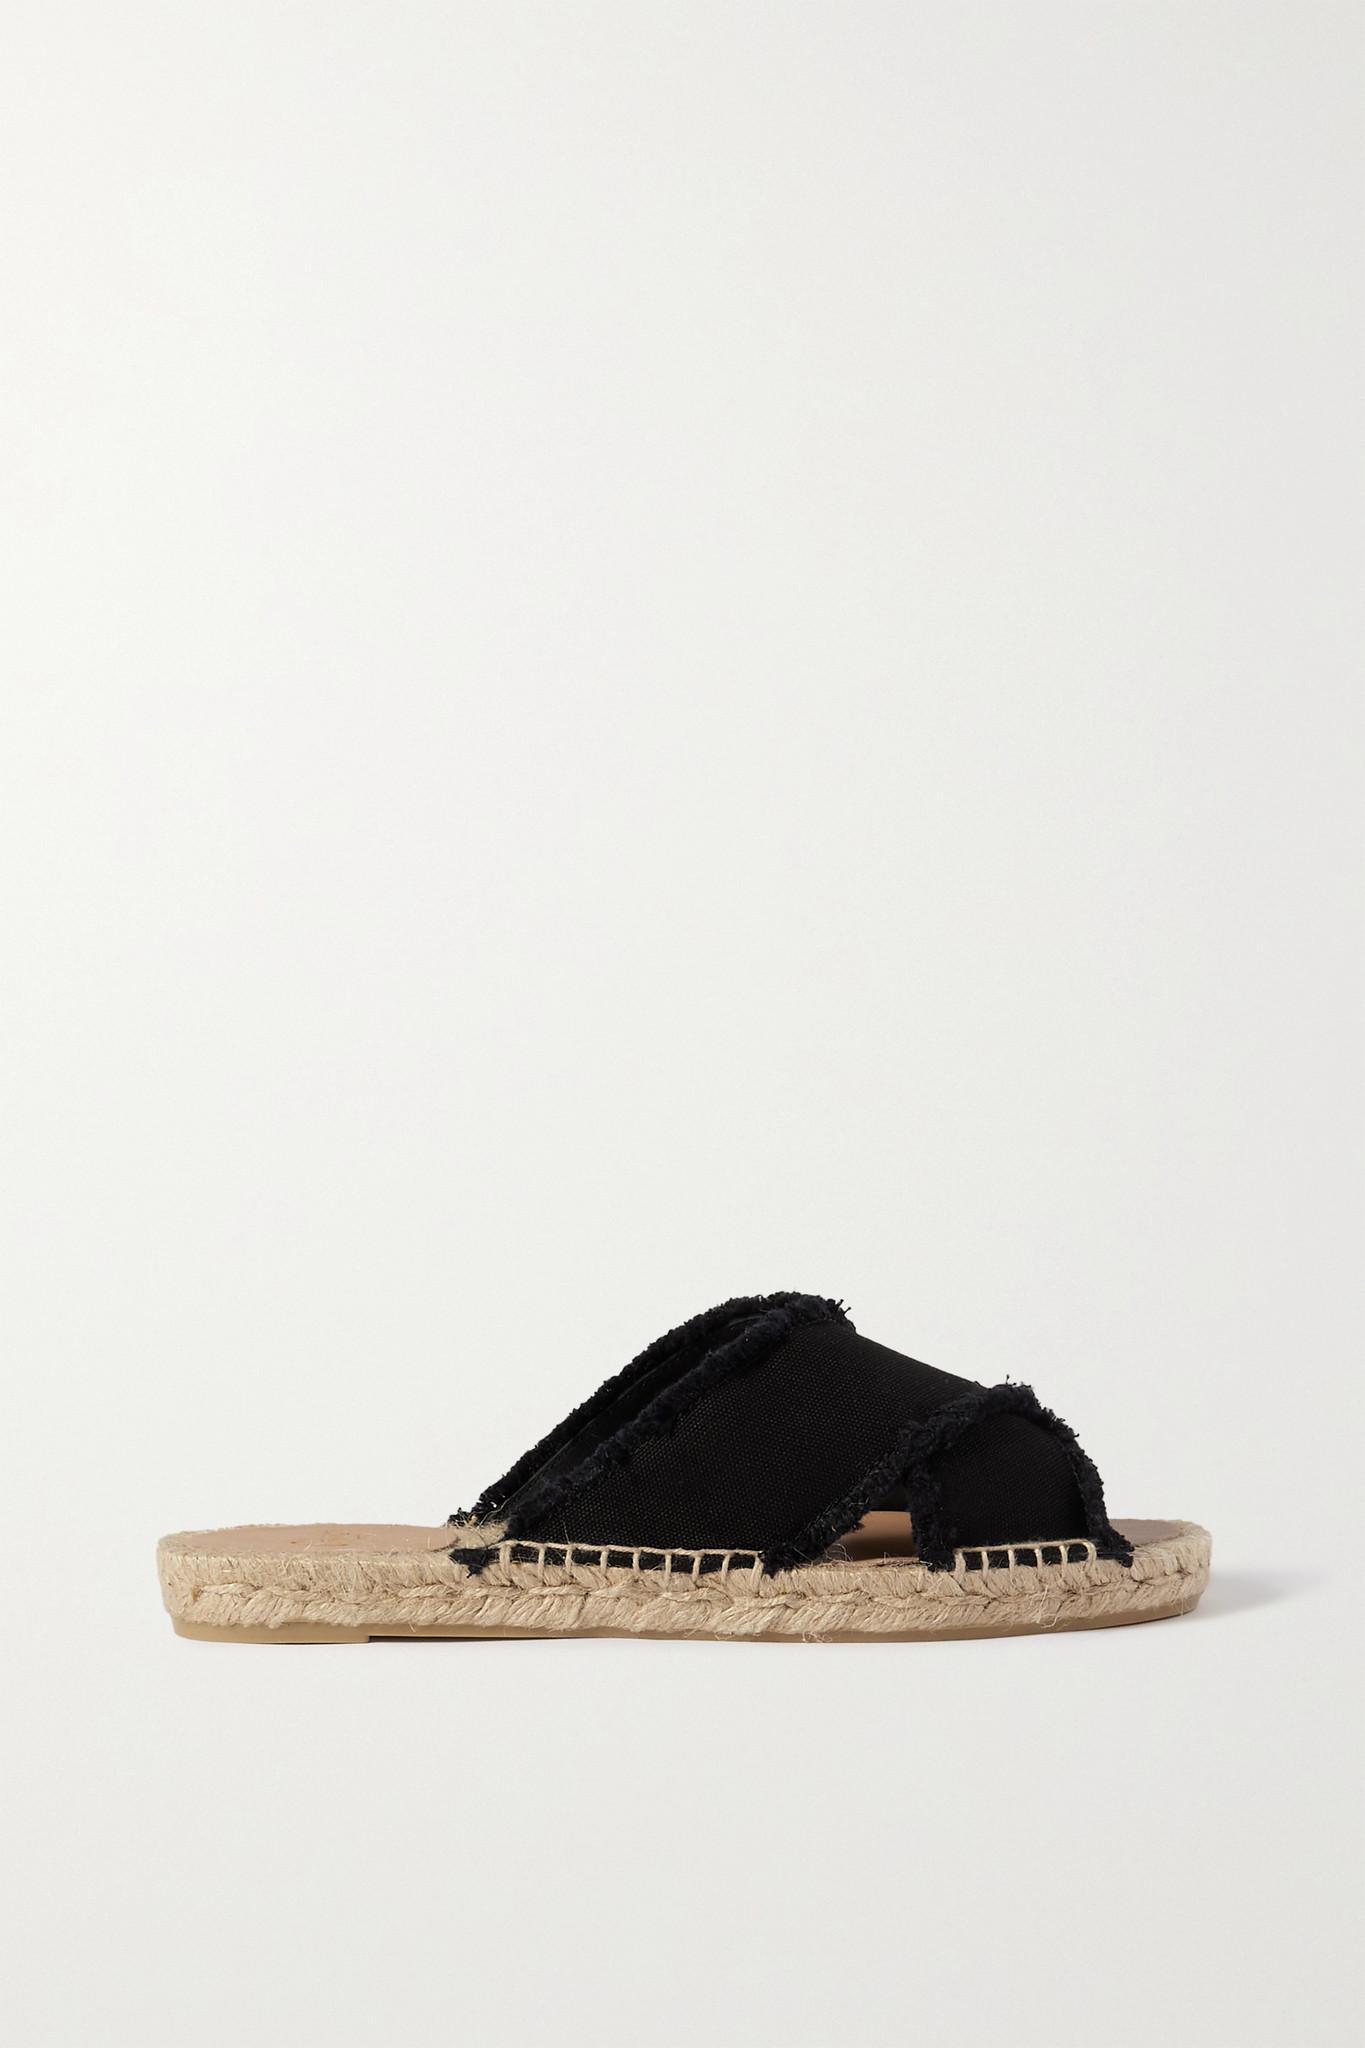 CASTAÑER - Palmera 毛边帆布麻底拖鞋 - 黑色 - IT38